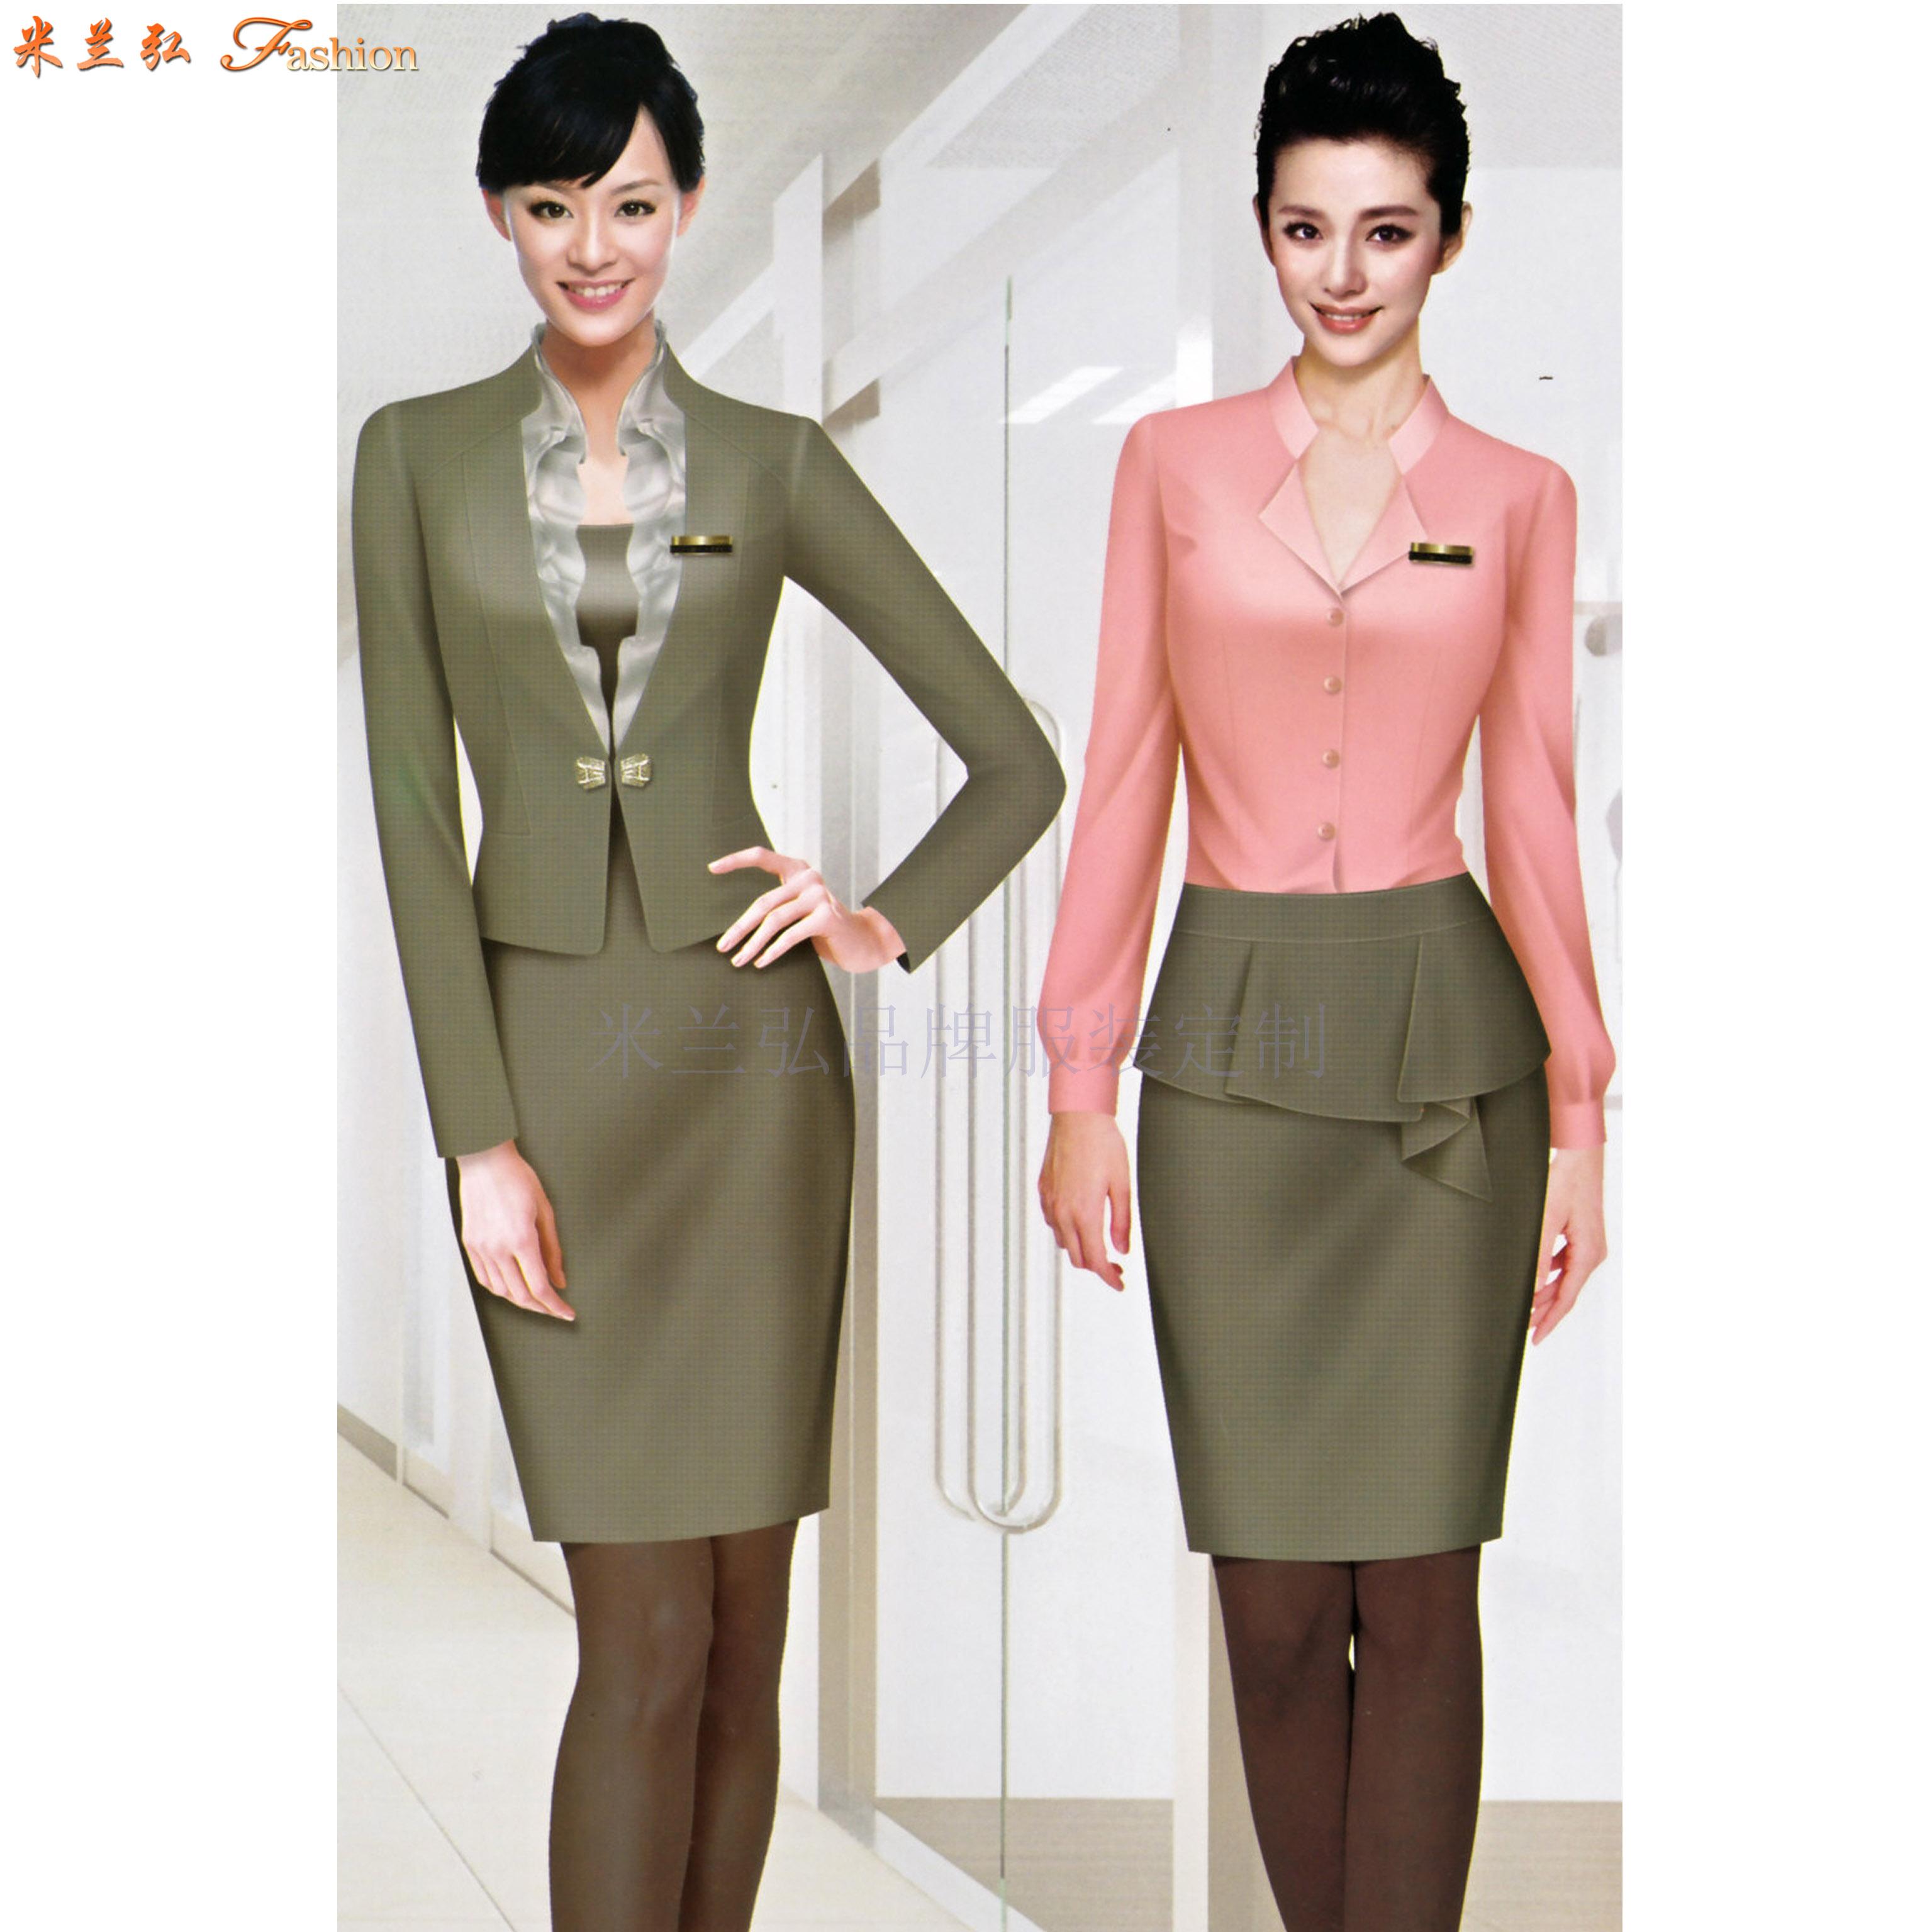 「服裝設計」工作服設計的3個性質及類別-米蘭弘服裝-2